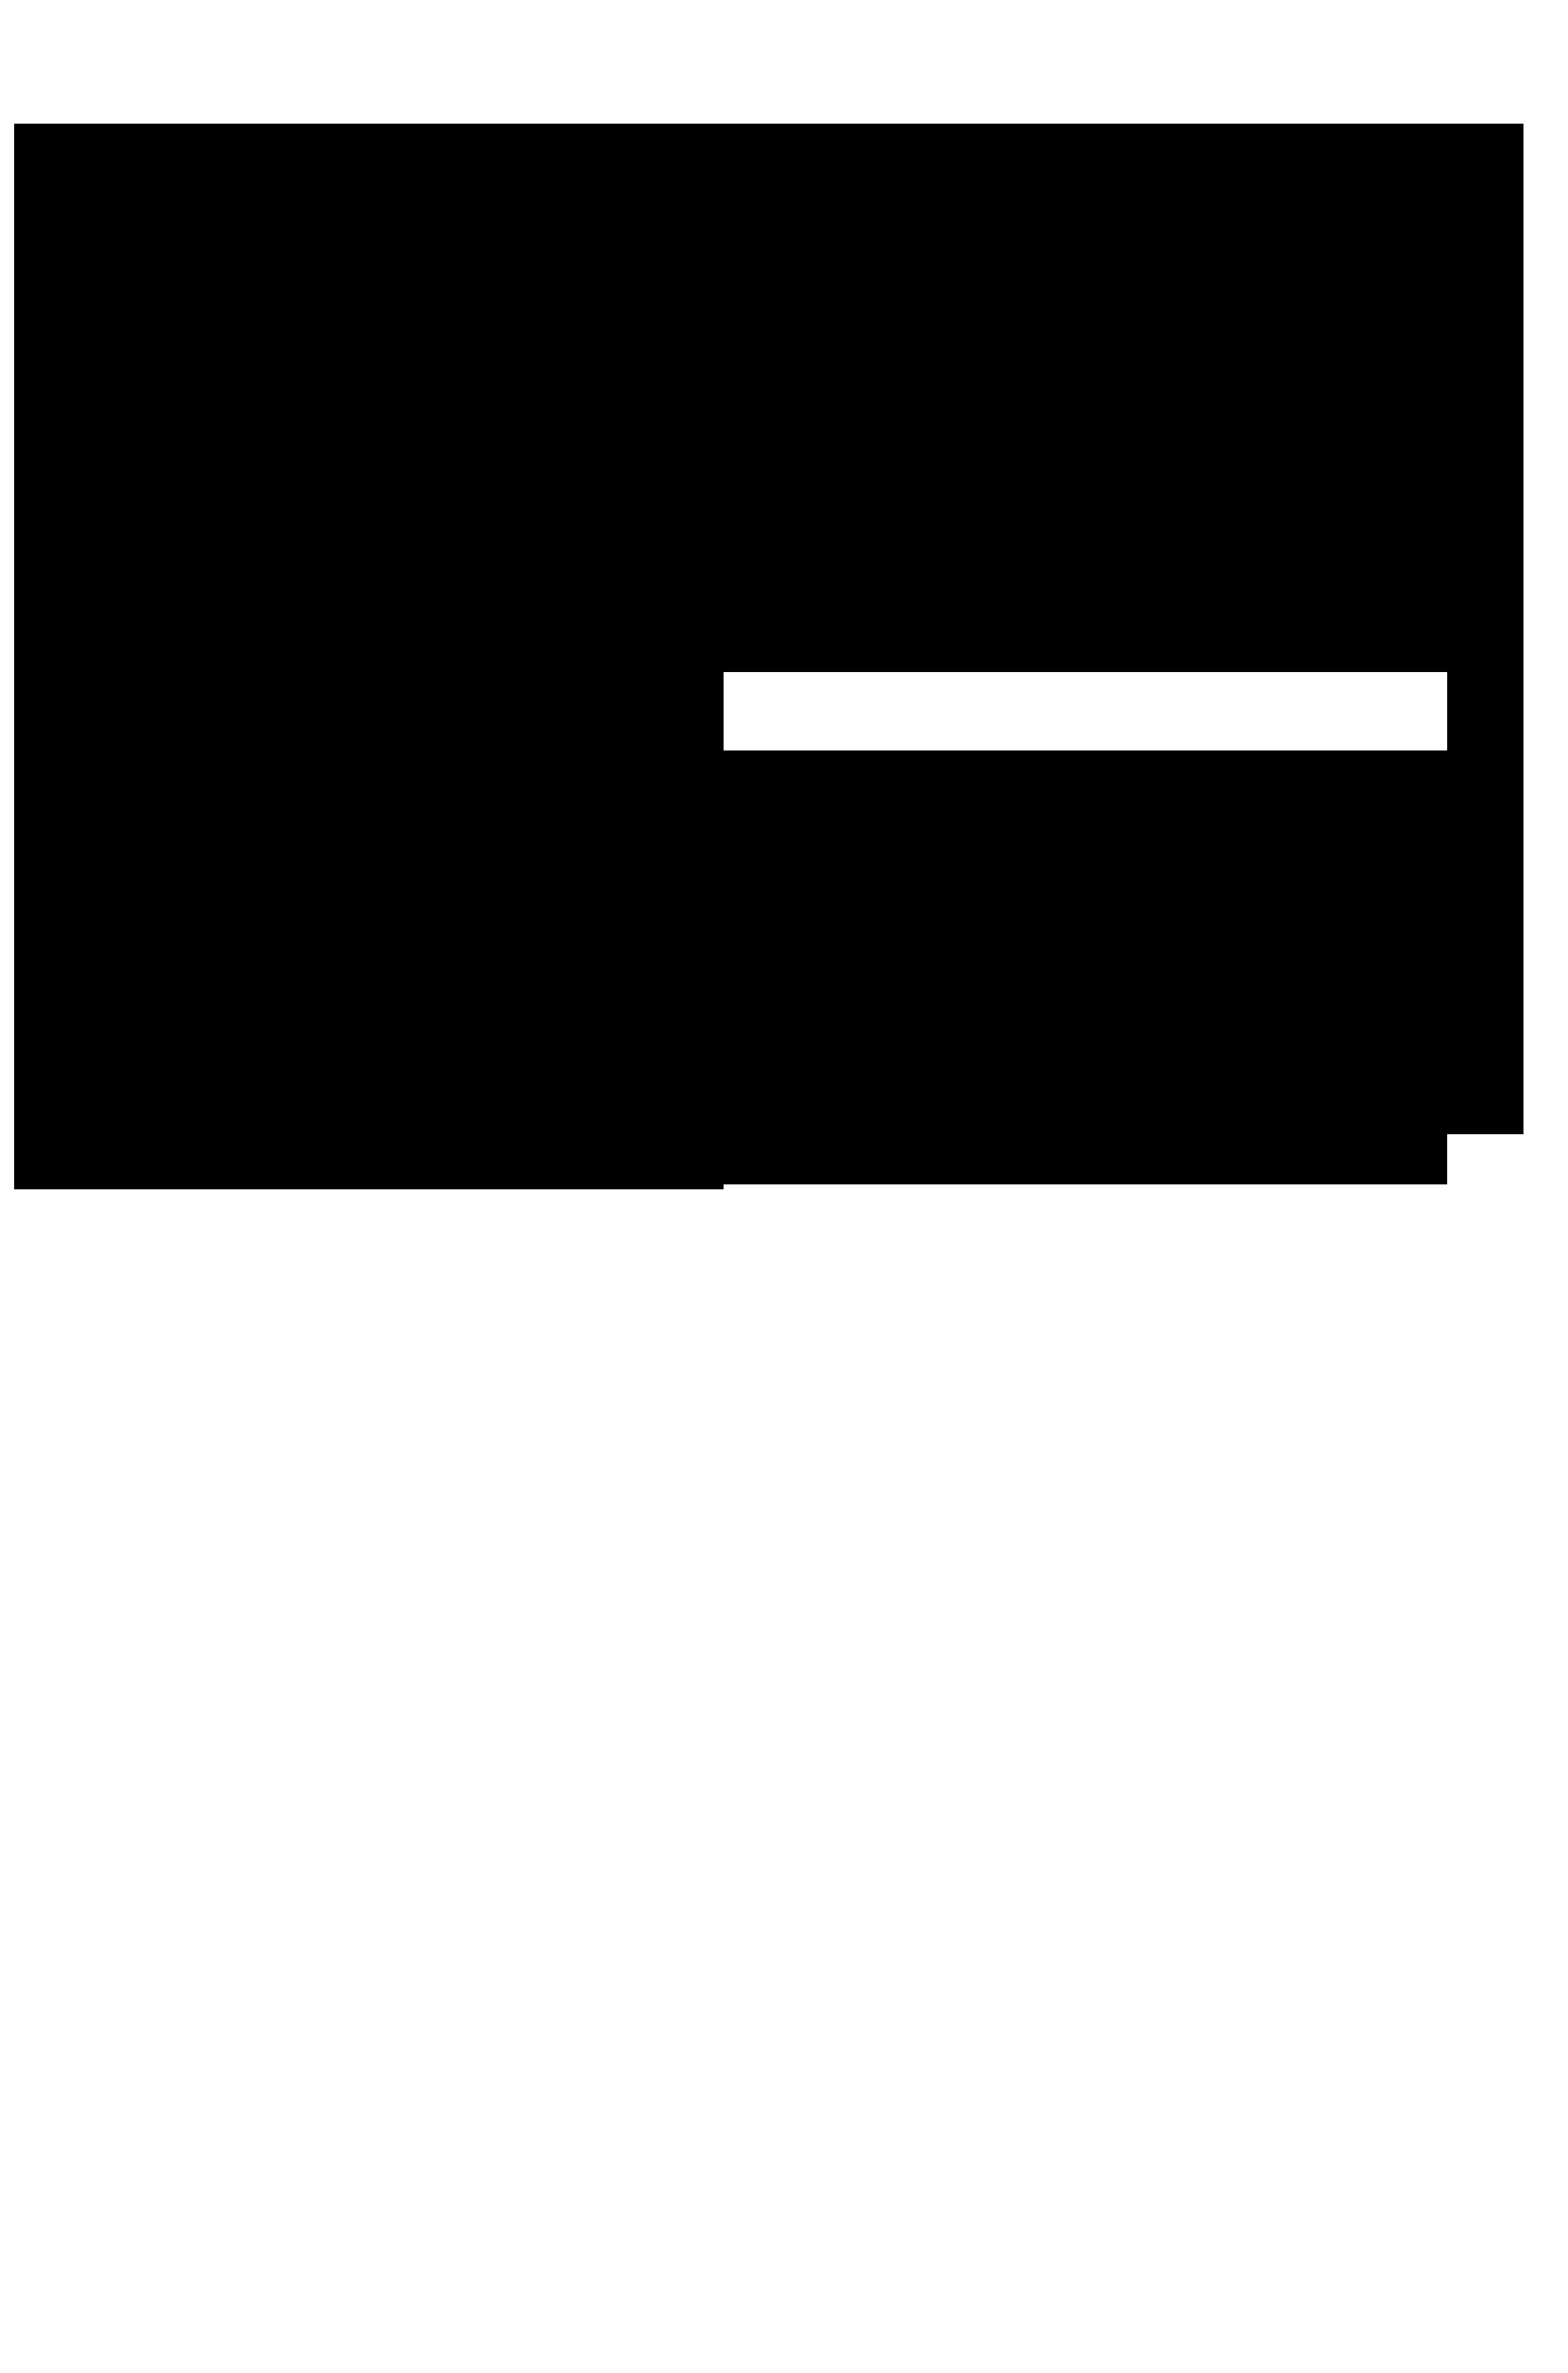 delibera6